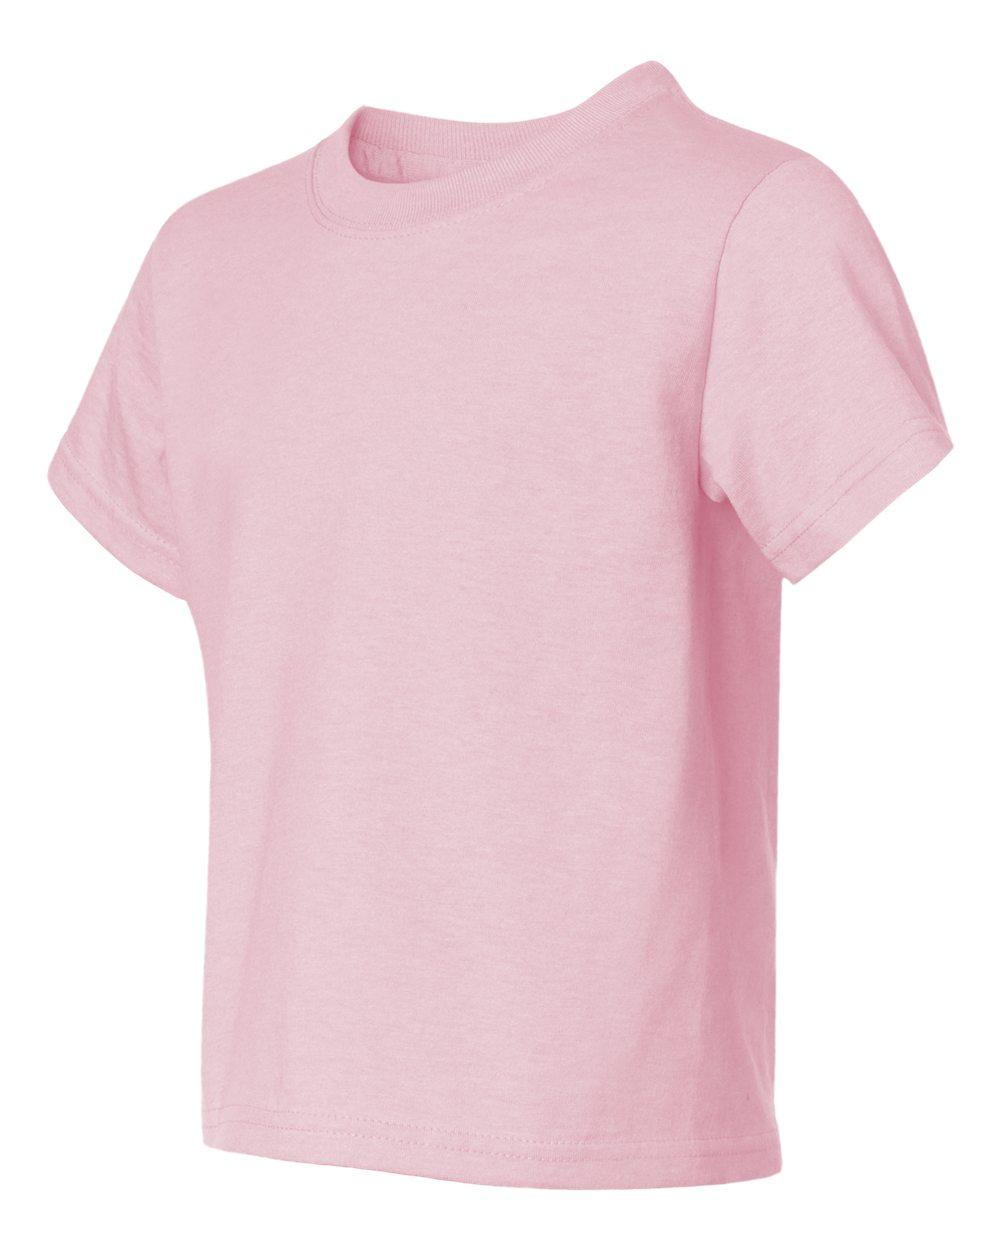 Jerzees Kids Unisex Everyday Heavyweight Blend T-Shirt 29B XS-XL